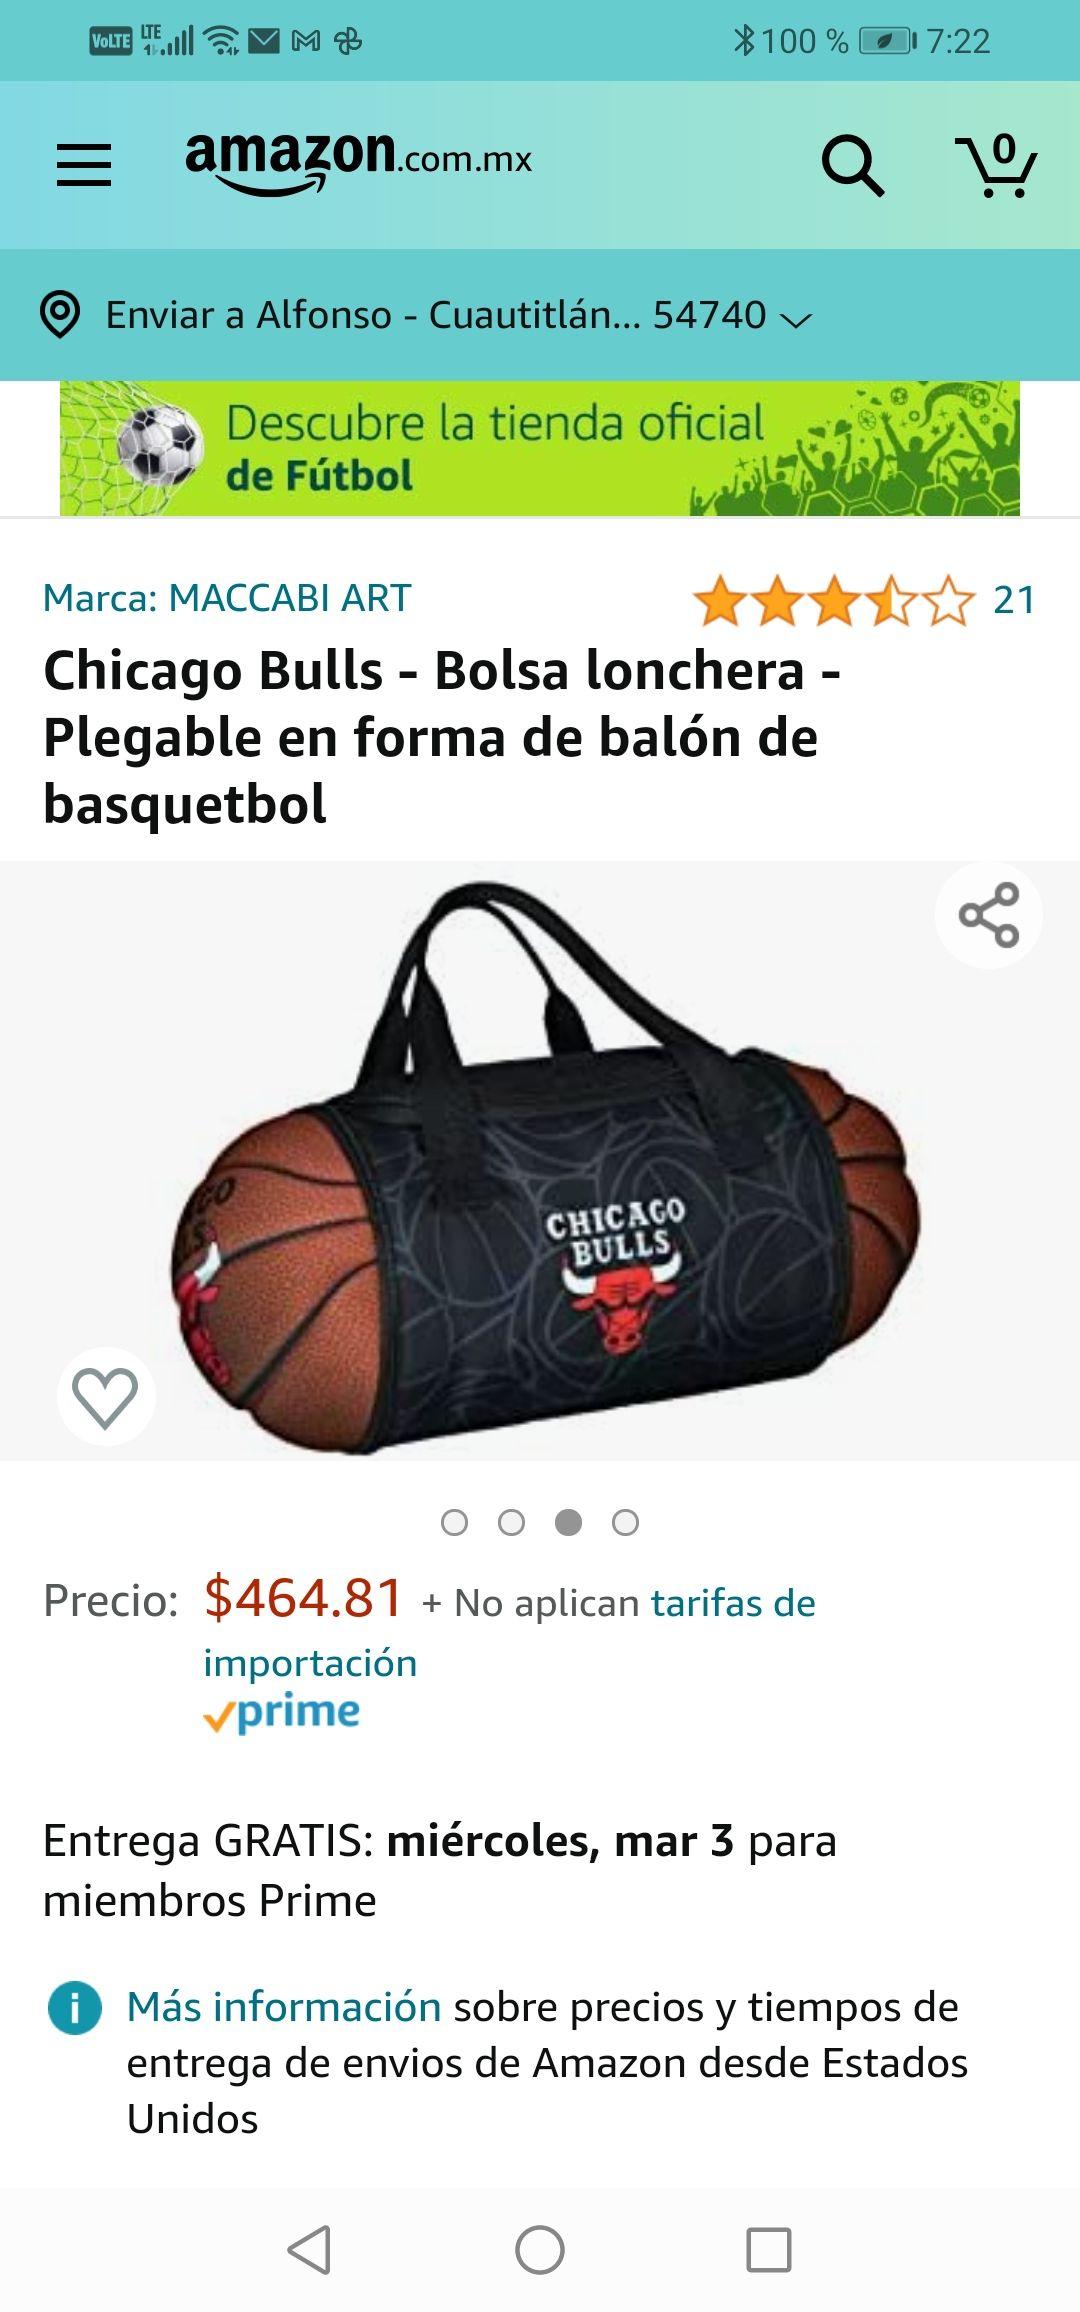 Amazon :Chicago Bulls - Bolsa lonchera - Plegable en forma de balón de basquetbol